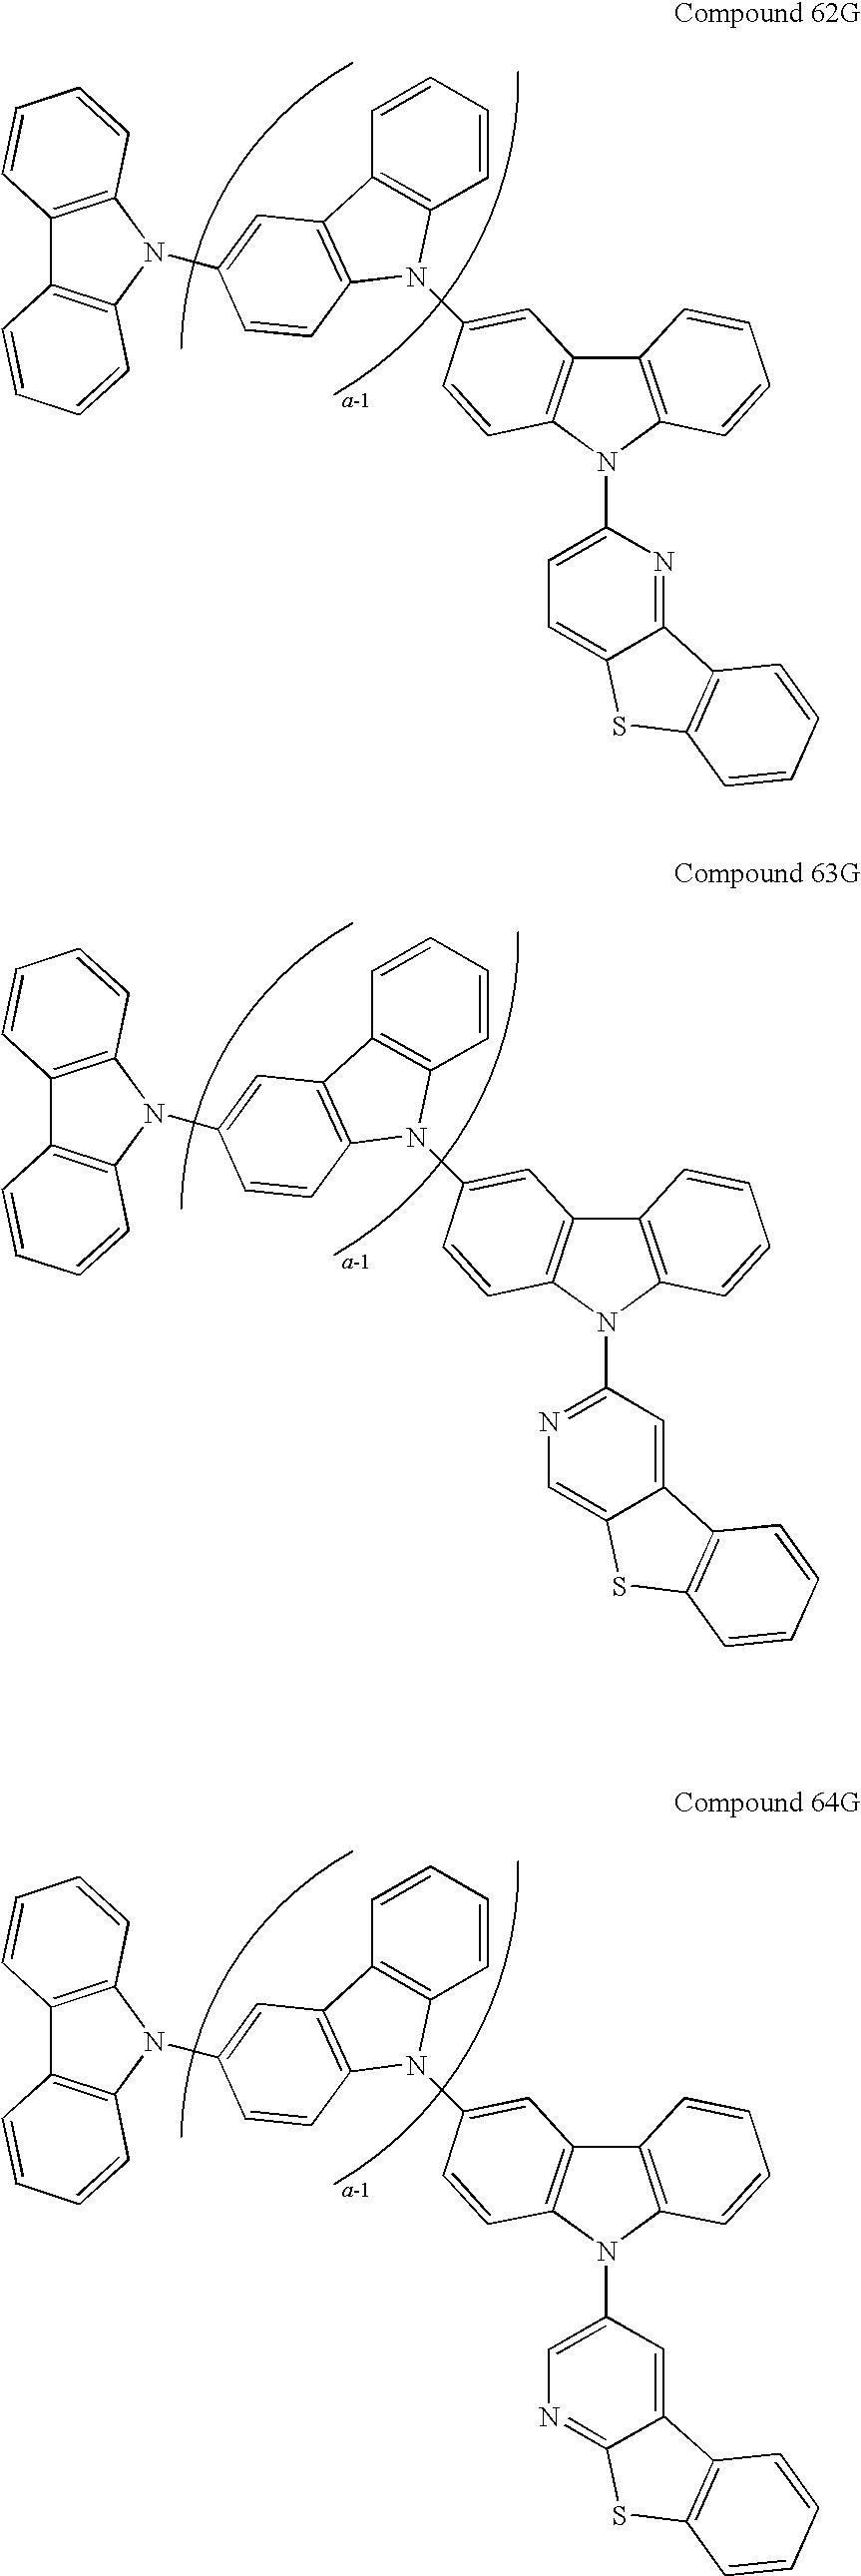 Figure US20090134784A1-20090528-C00176